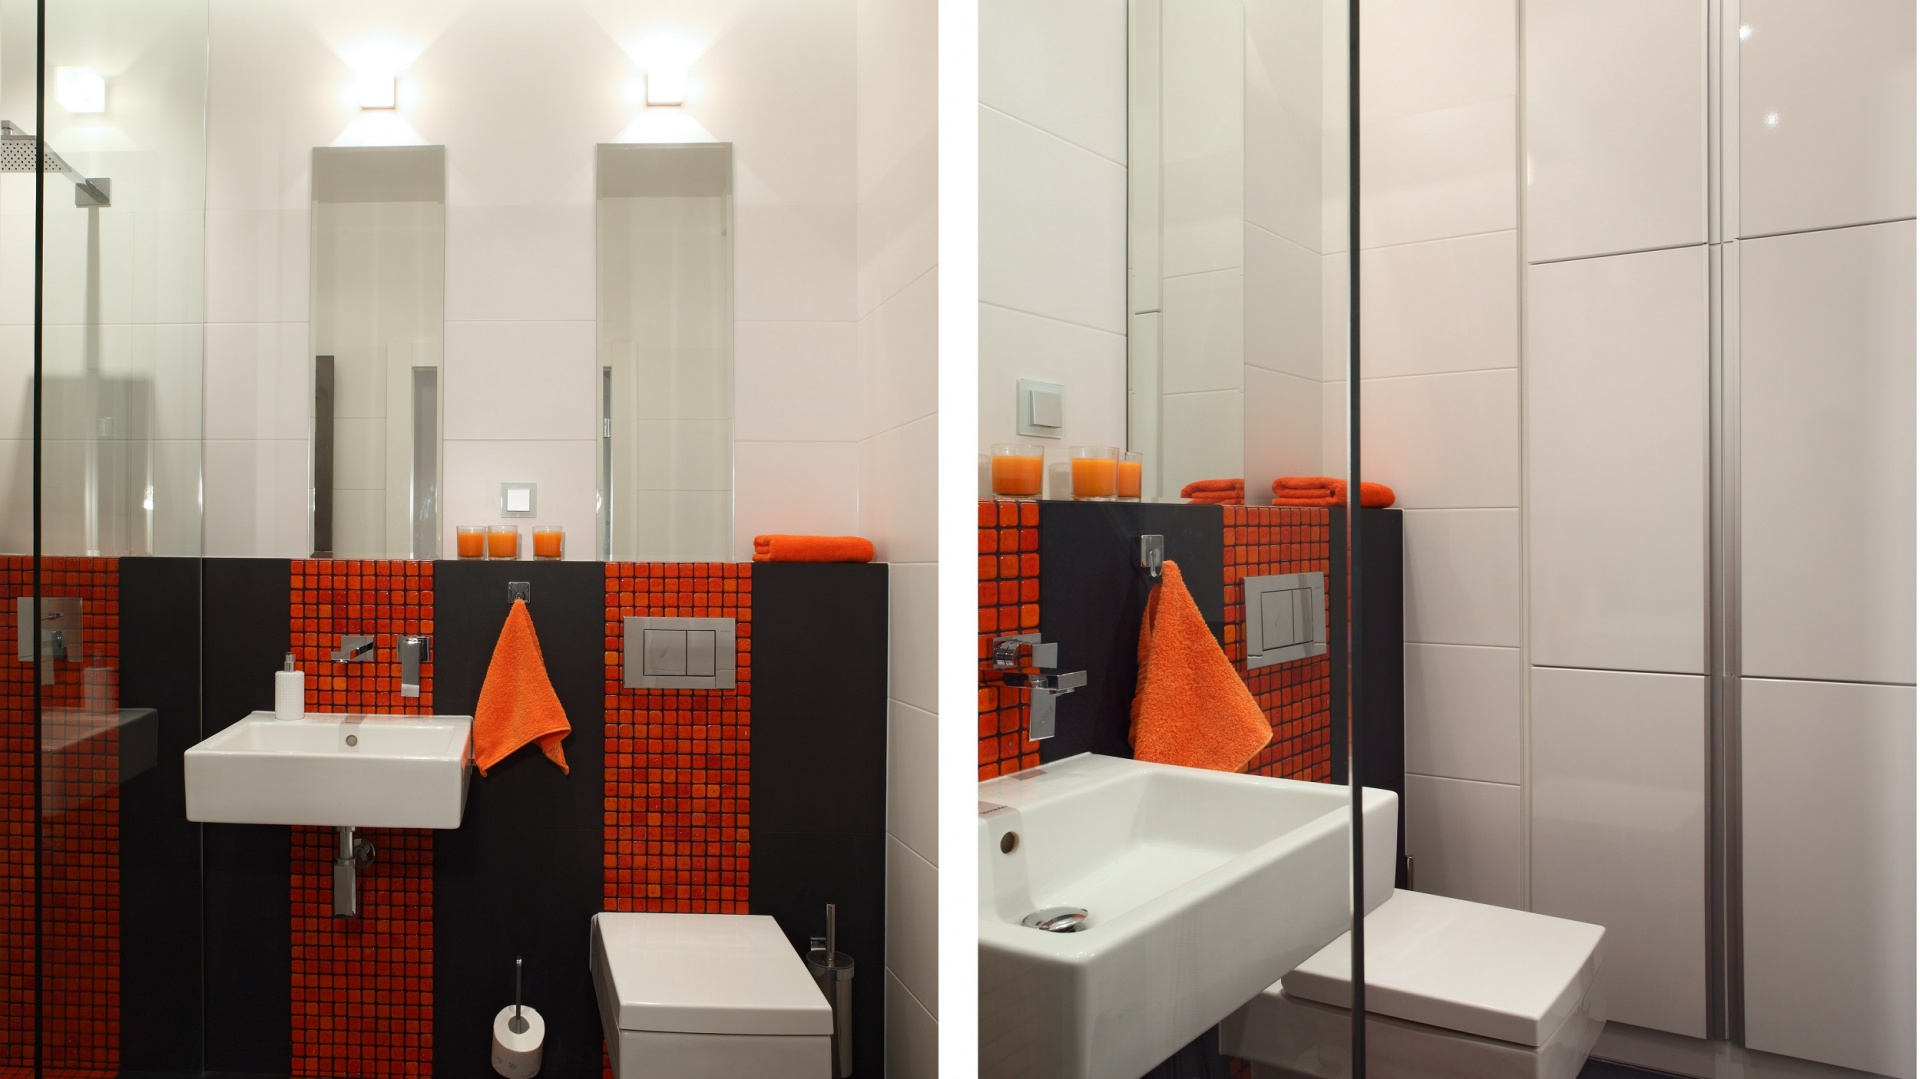 Remont Małej łazienki 12 Sposobów Na Oświetlenie